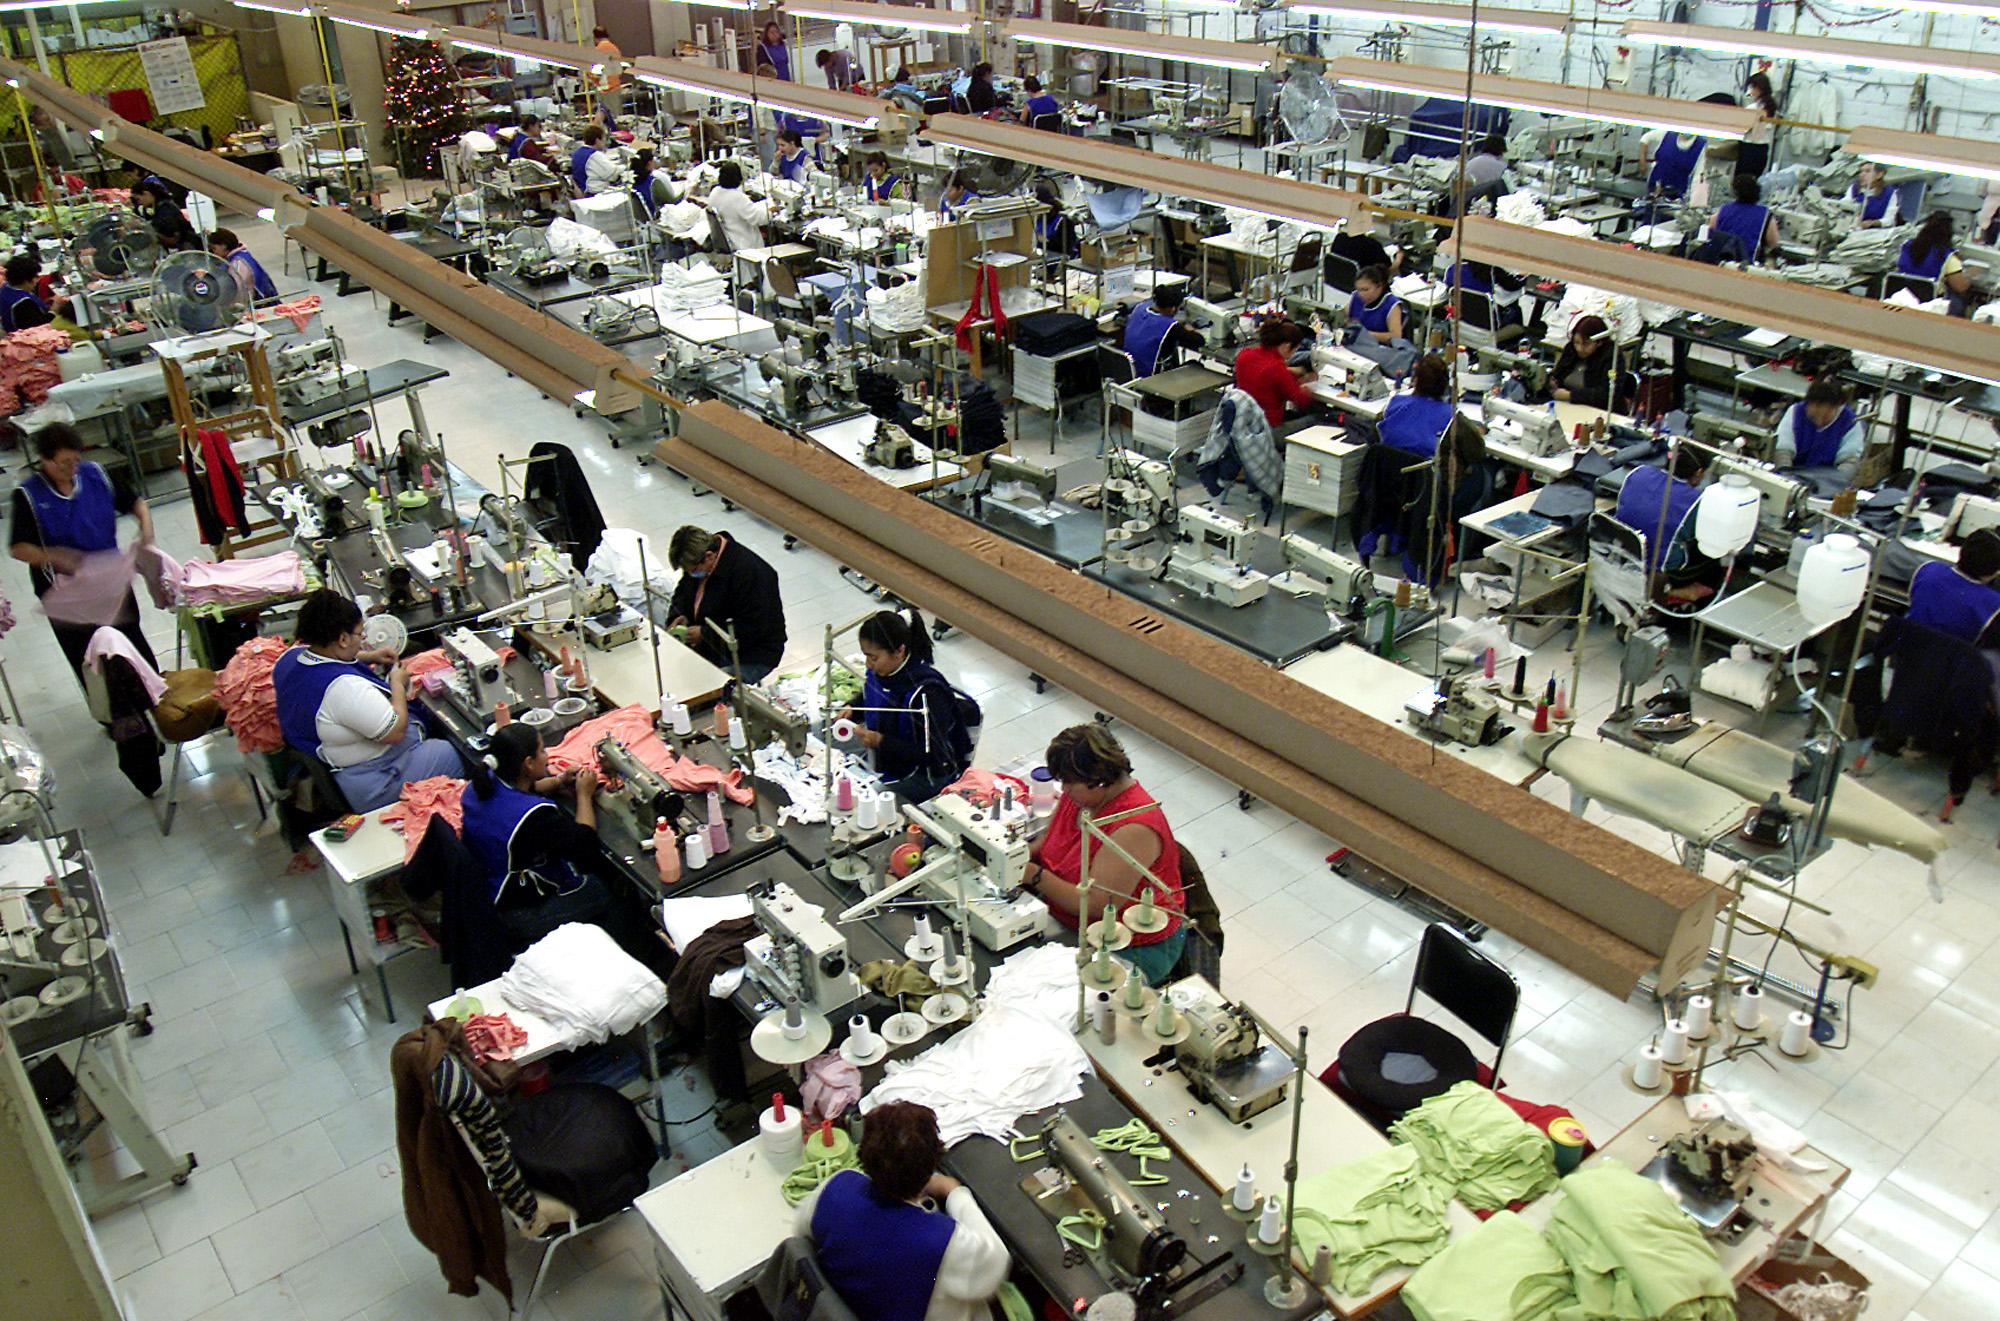 Des couturières assises en rangées en train de confectionner des vêtements destinés aux États-Unis (© AP Images)